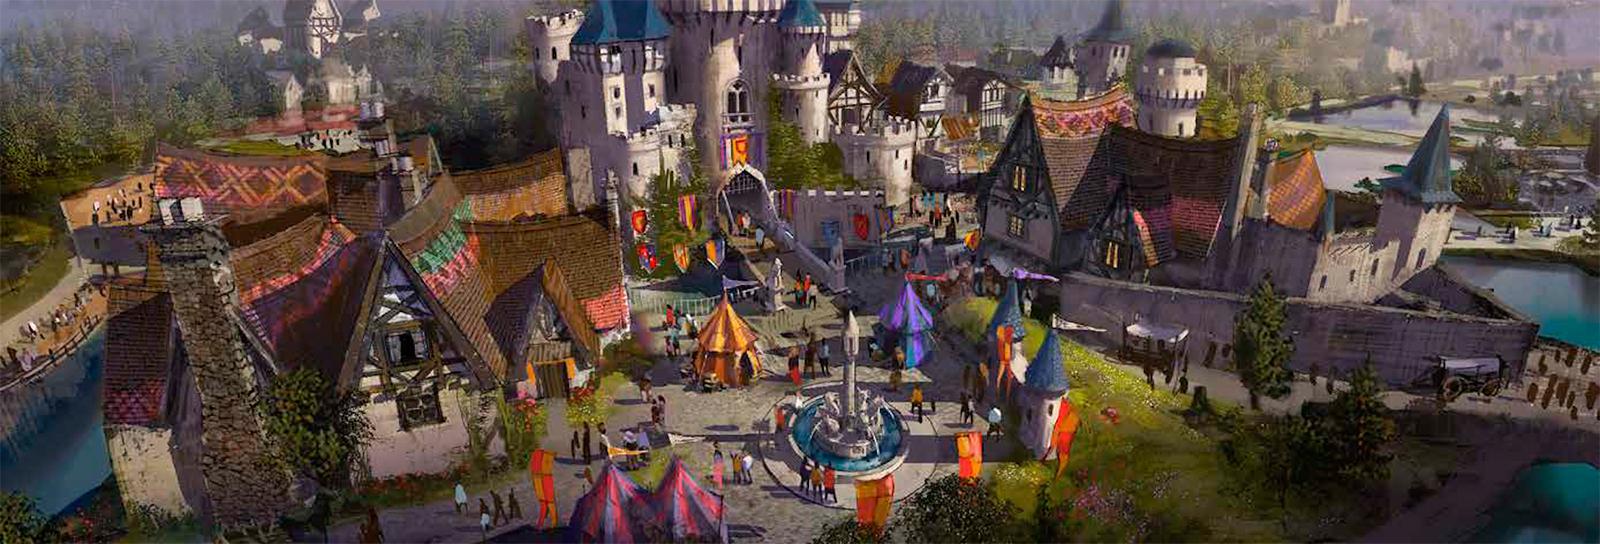 Com mais de R$ 7 bi de investimentos, é assim que vai ficar a concorrente da Disney no Reino Unido